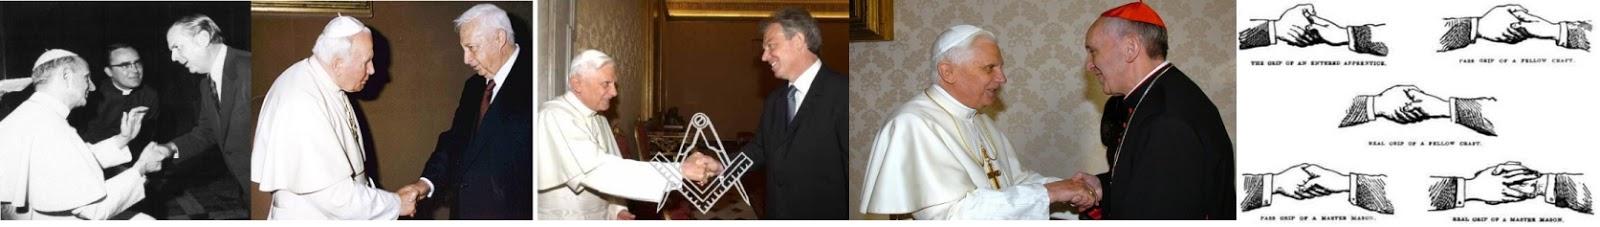 Le pouvoir occulte du Vatican, participation secrète avec les régimes totalitaires. - Page 8 Poignés+maçonniques+papes